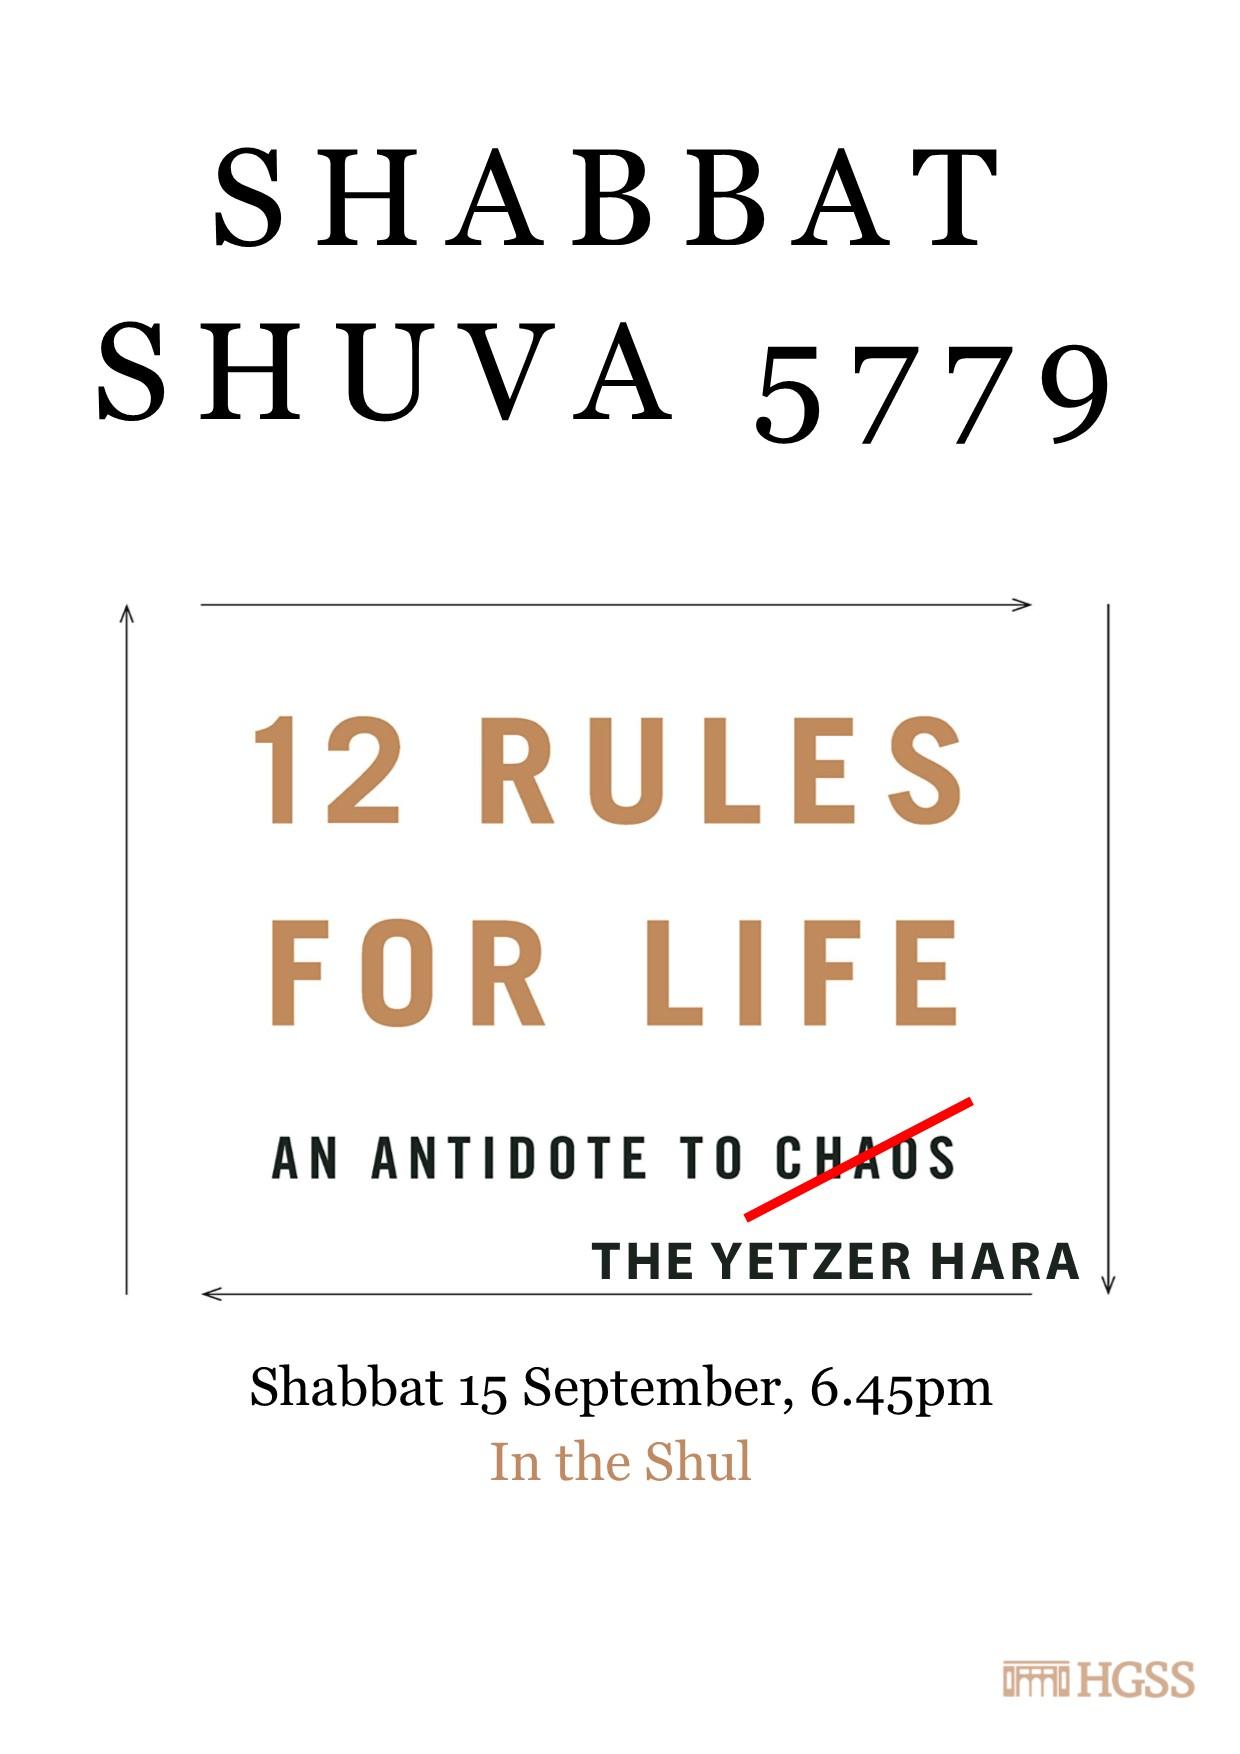 Shabbat Shuva @ Jewish Holidays